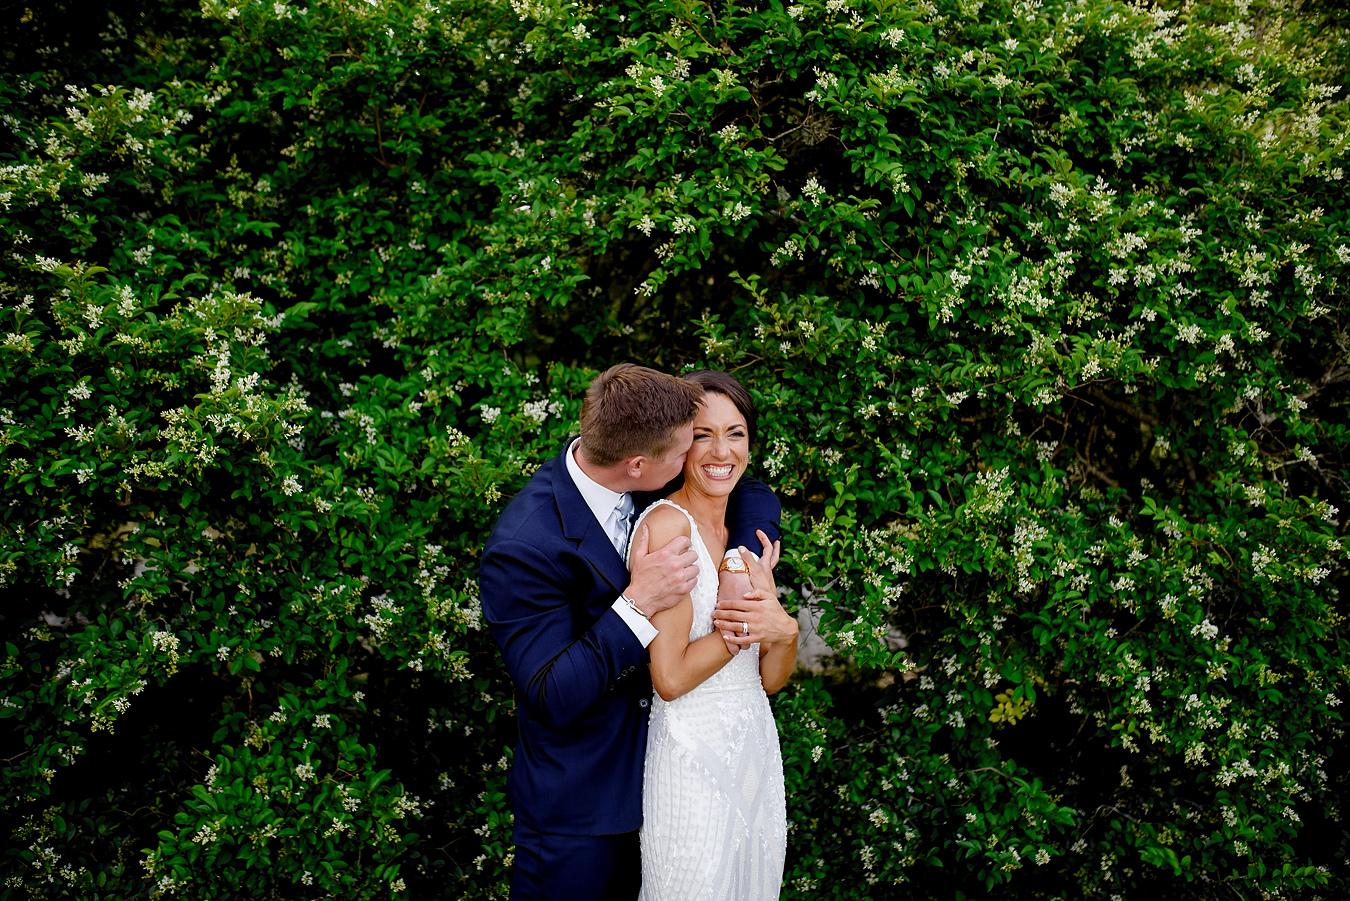 dennis_inn_wedding_060.JPG